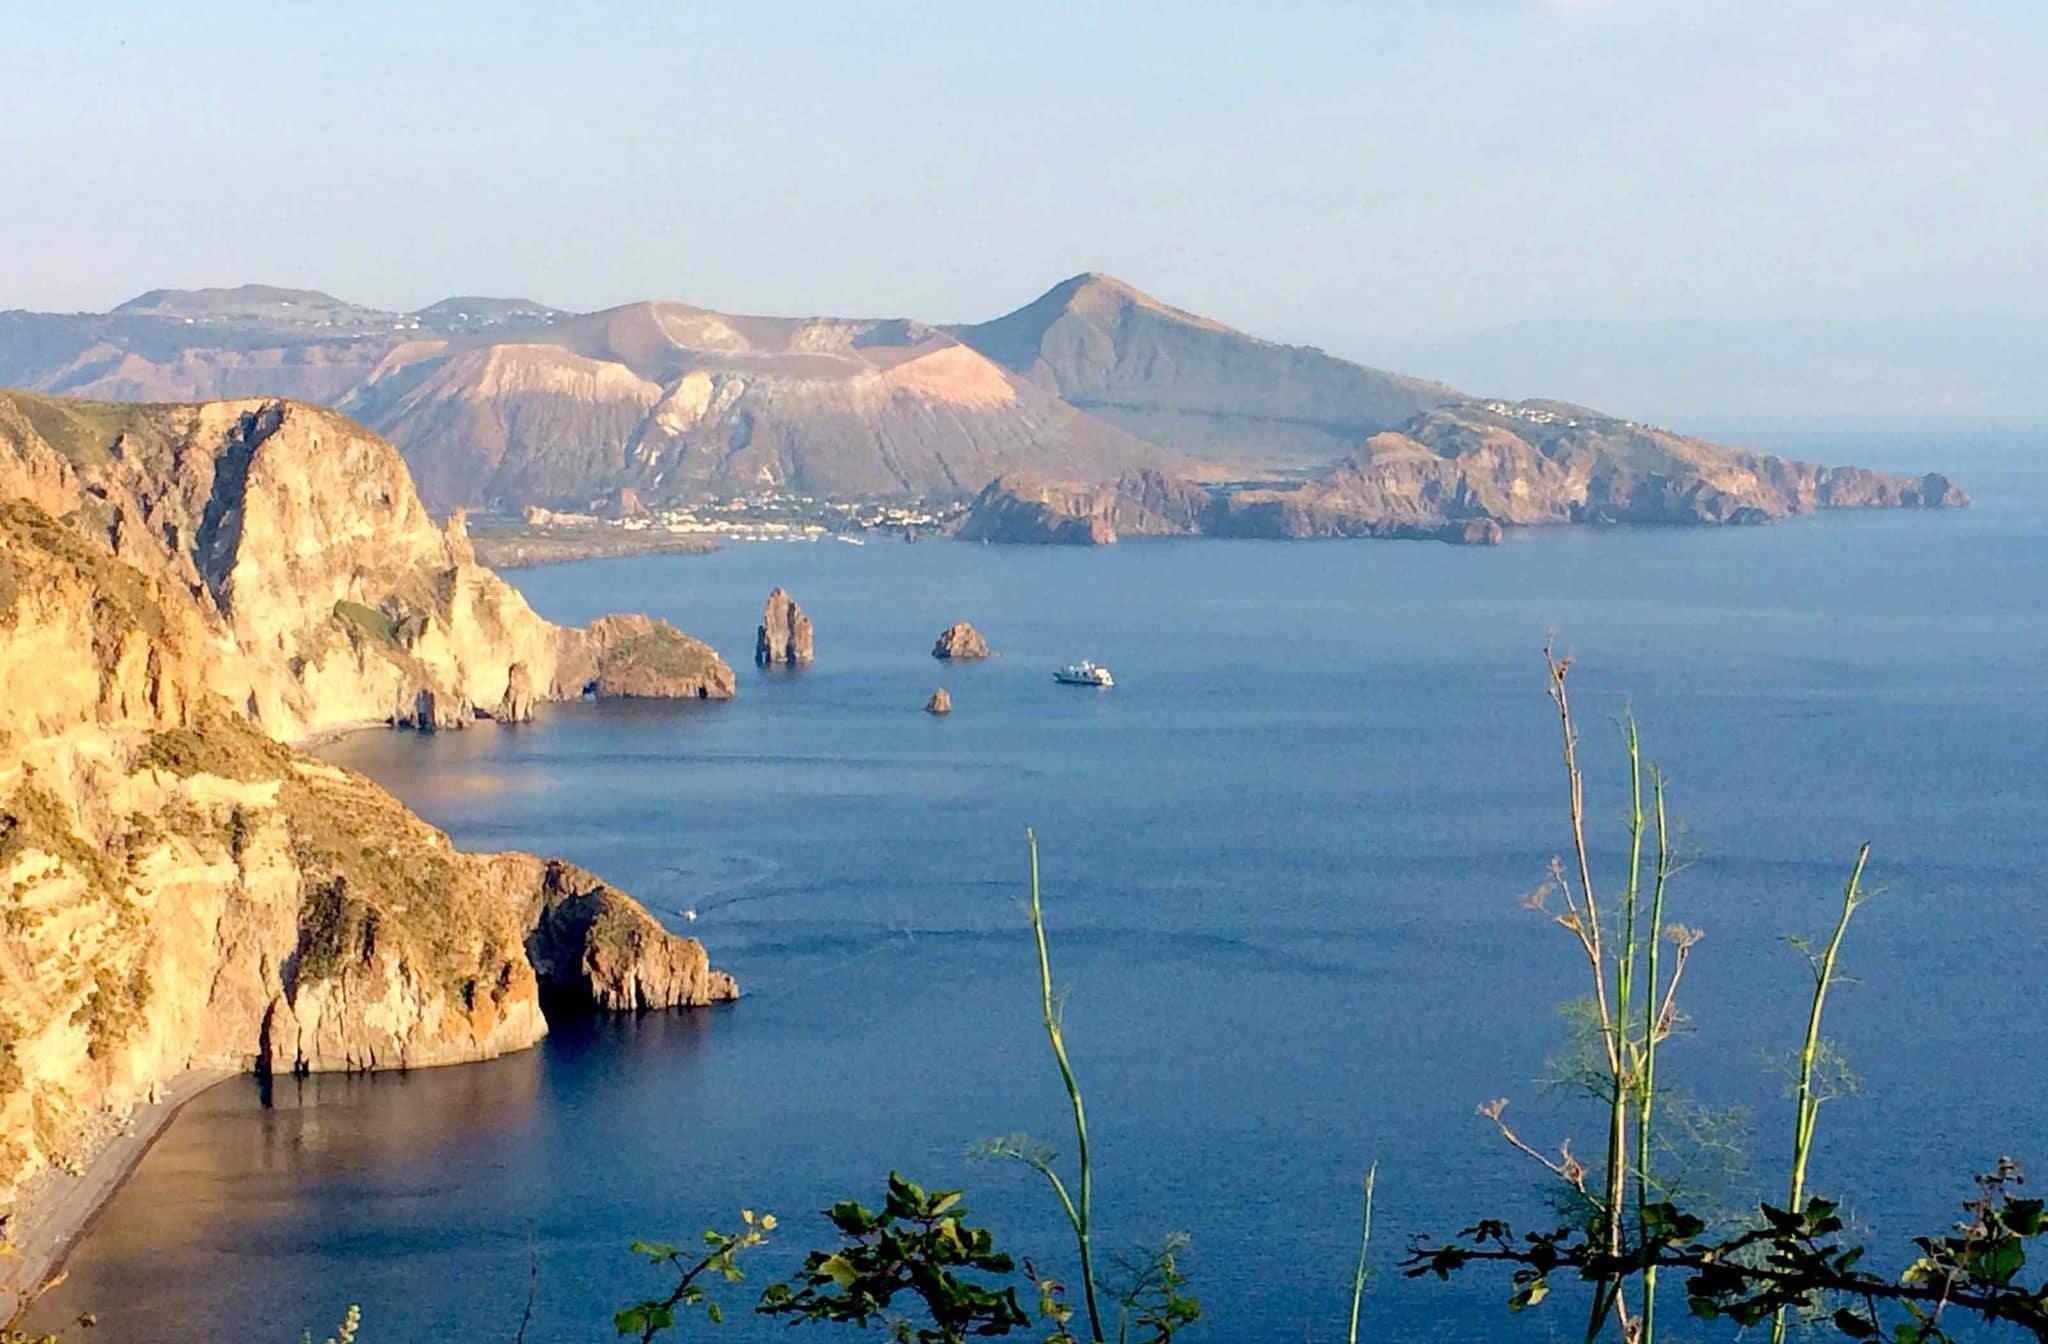 Vulcano island from Lipari